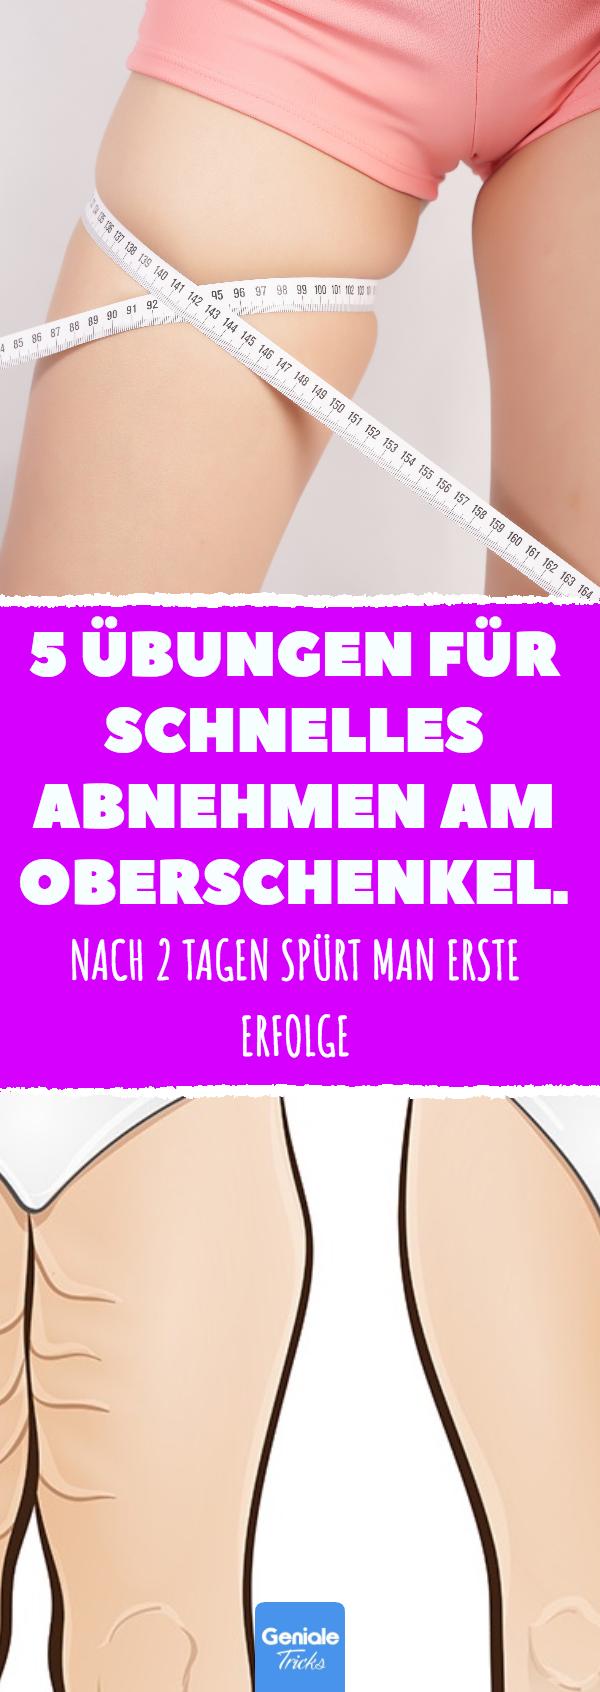 5 Übungen für schlankere Oberschenkel in einer Woche. #training #oberschenkel #beine #legday #fitnes...